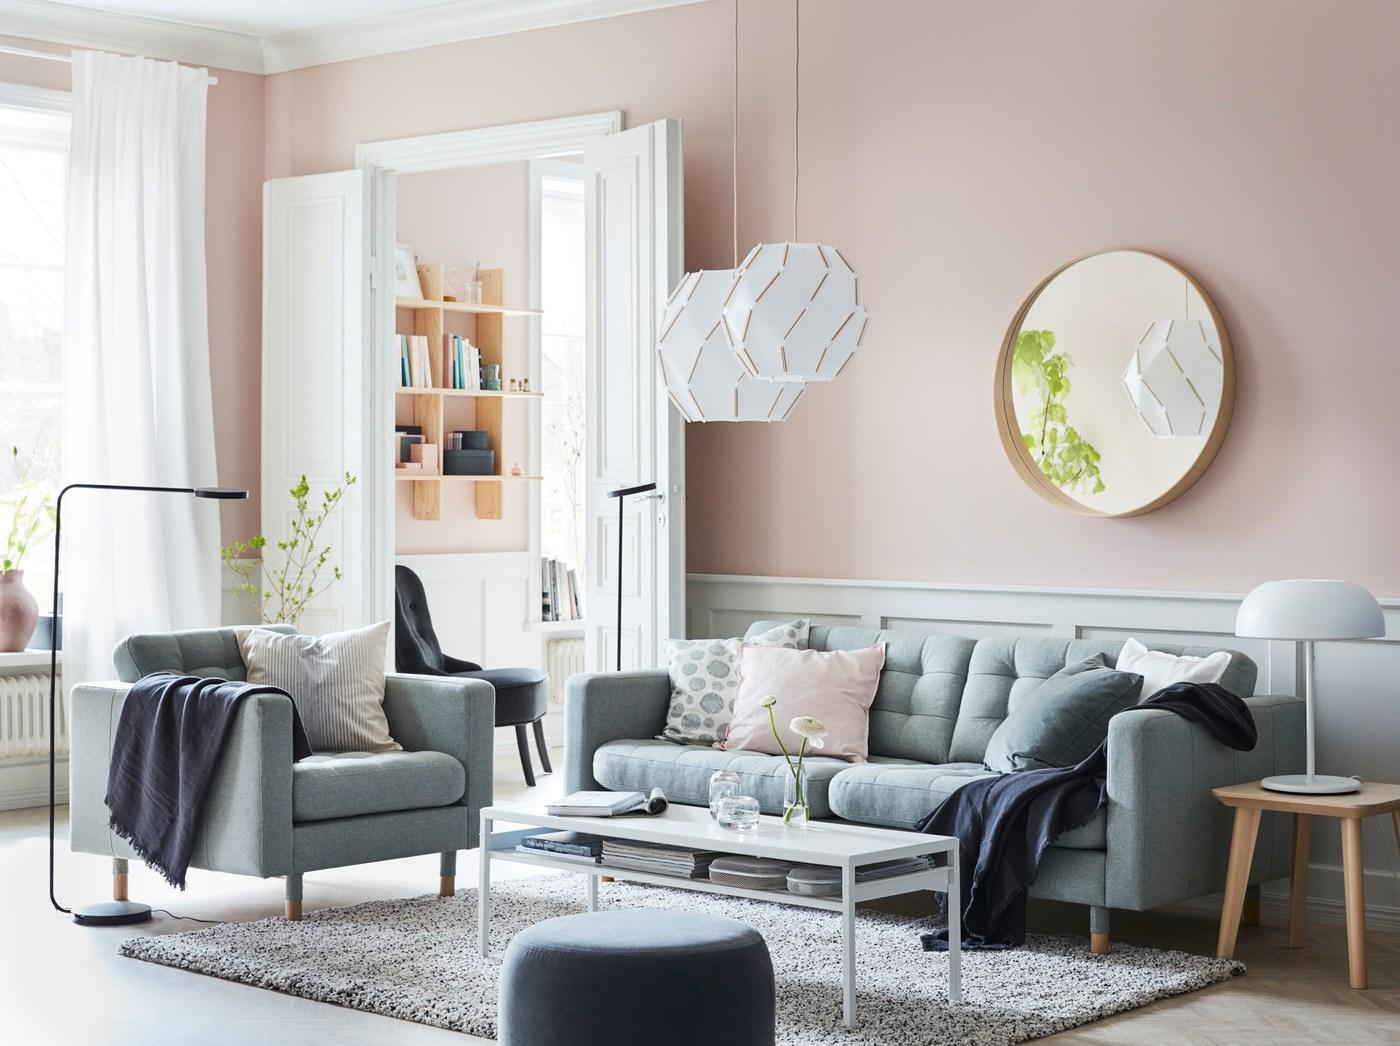 Wunderbar Wohnzimmer U2013 Ideen U0026 Inspiration